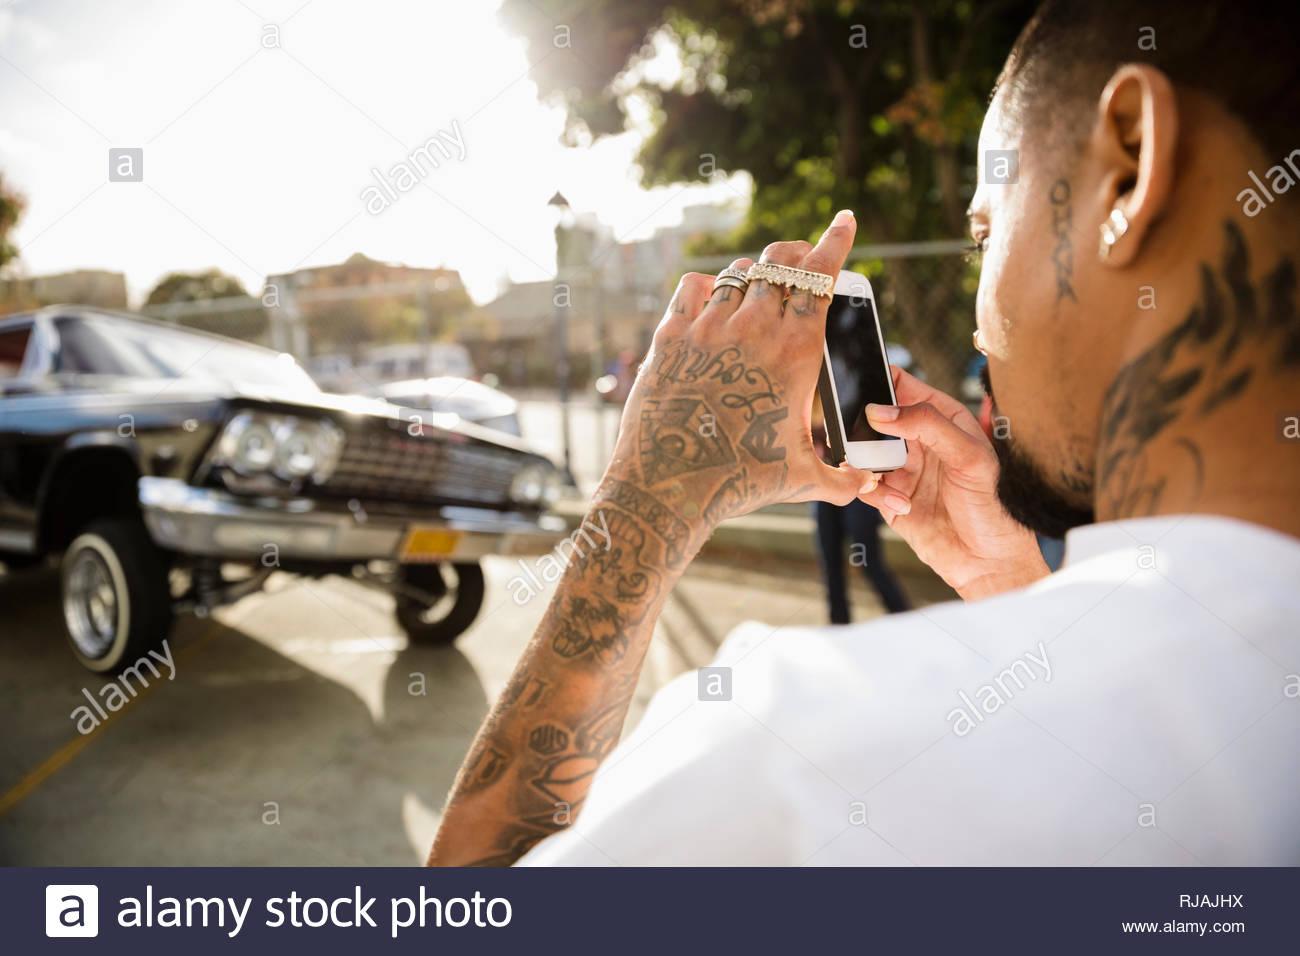 Latinx Mann mit Tattoos fotografieren Low Rider Auto springen in Parkplatz Stockbild